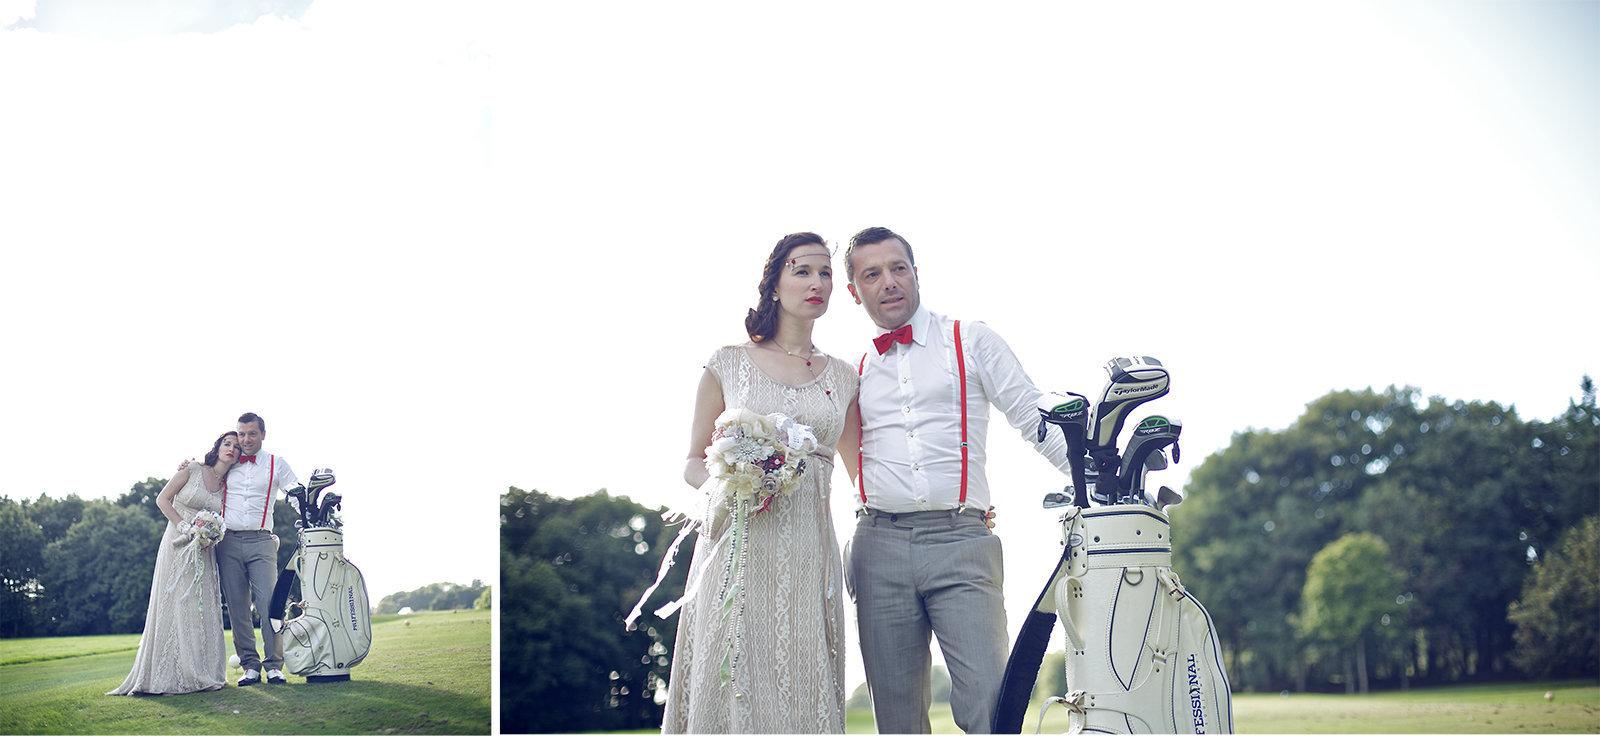 Mariage de Nantes France.jpg